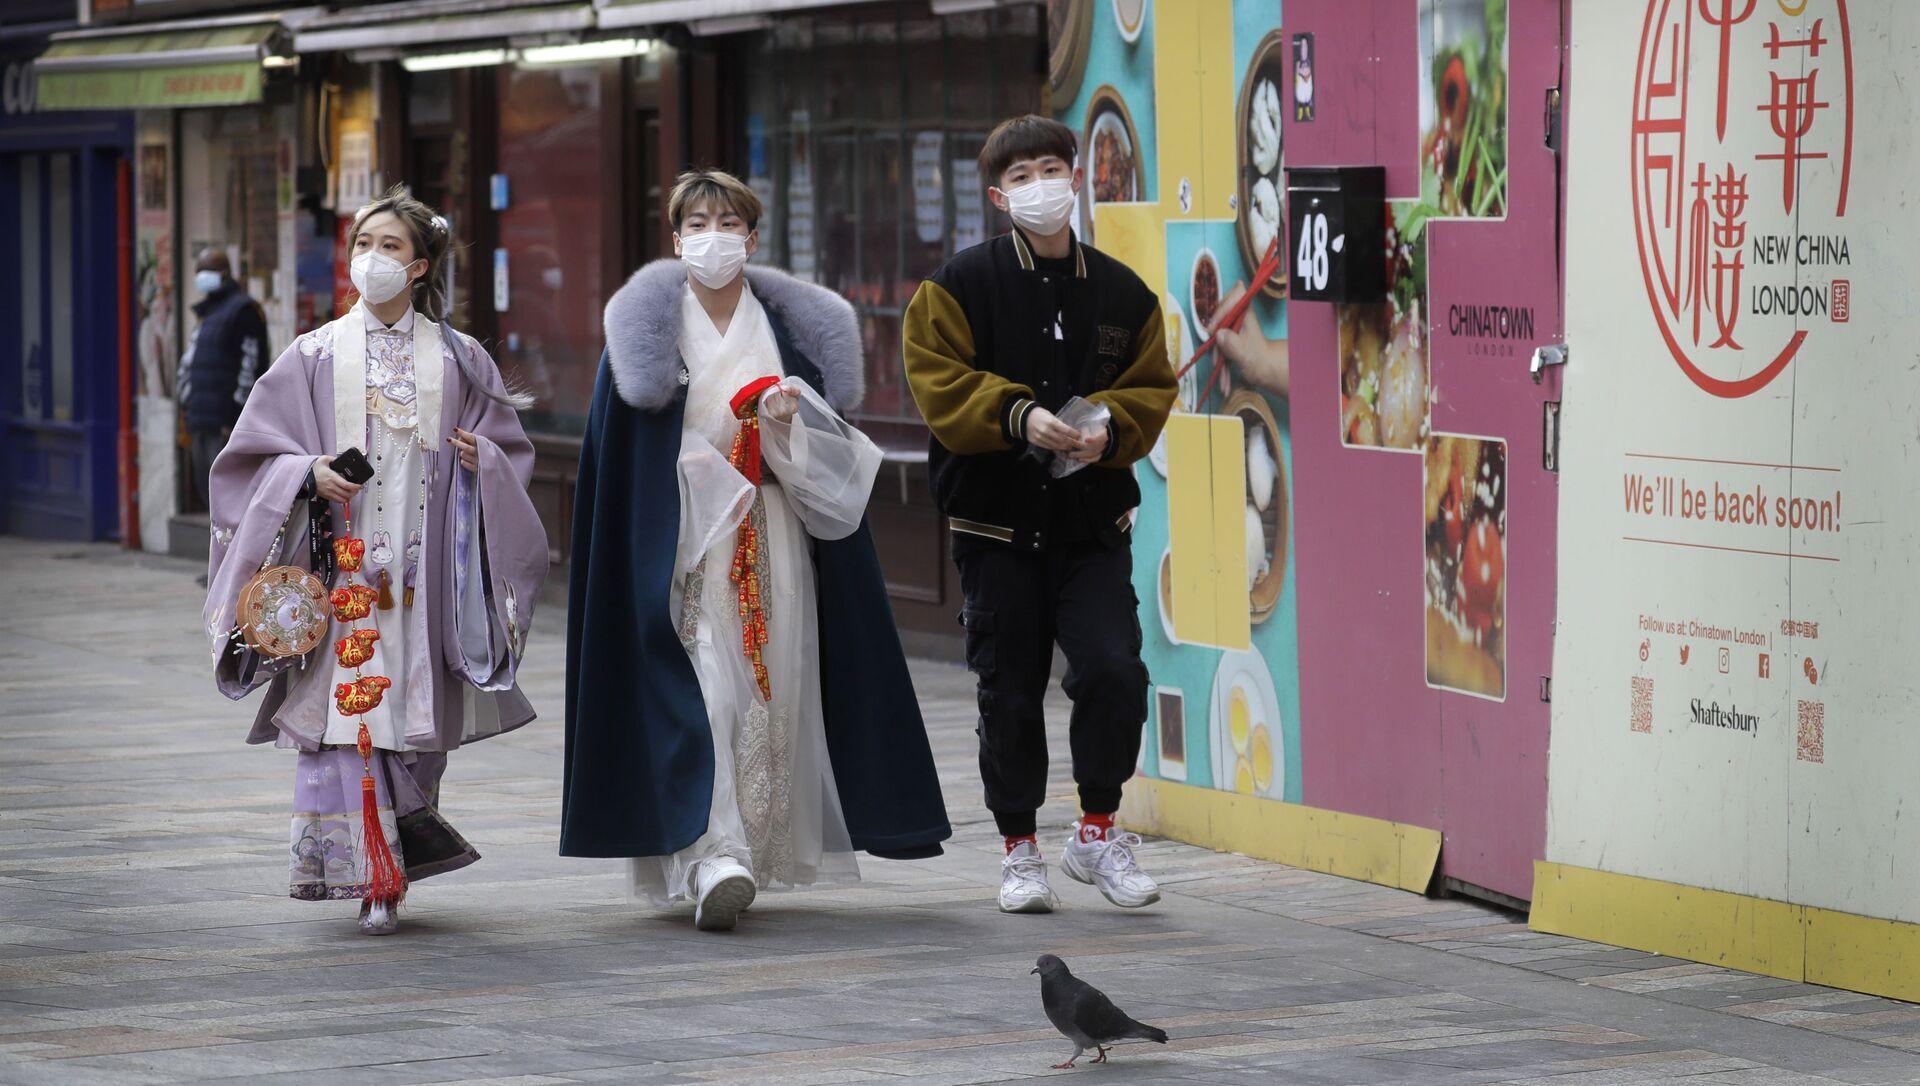 Пандемия коронавируса COVID - жители Лондона в масках в Чайнатауне - Sputnik Грузия, 1920, 16.02.2021